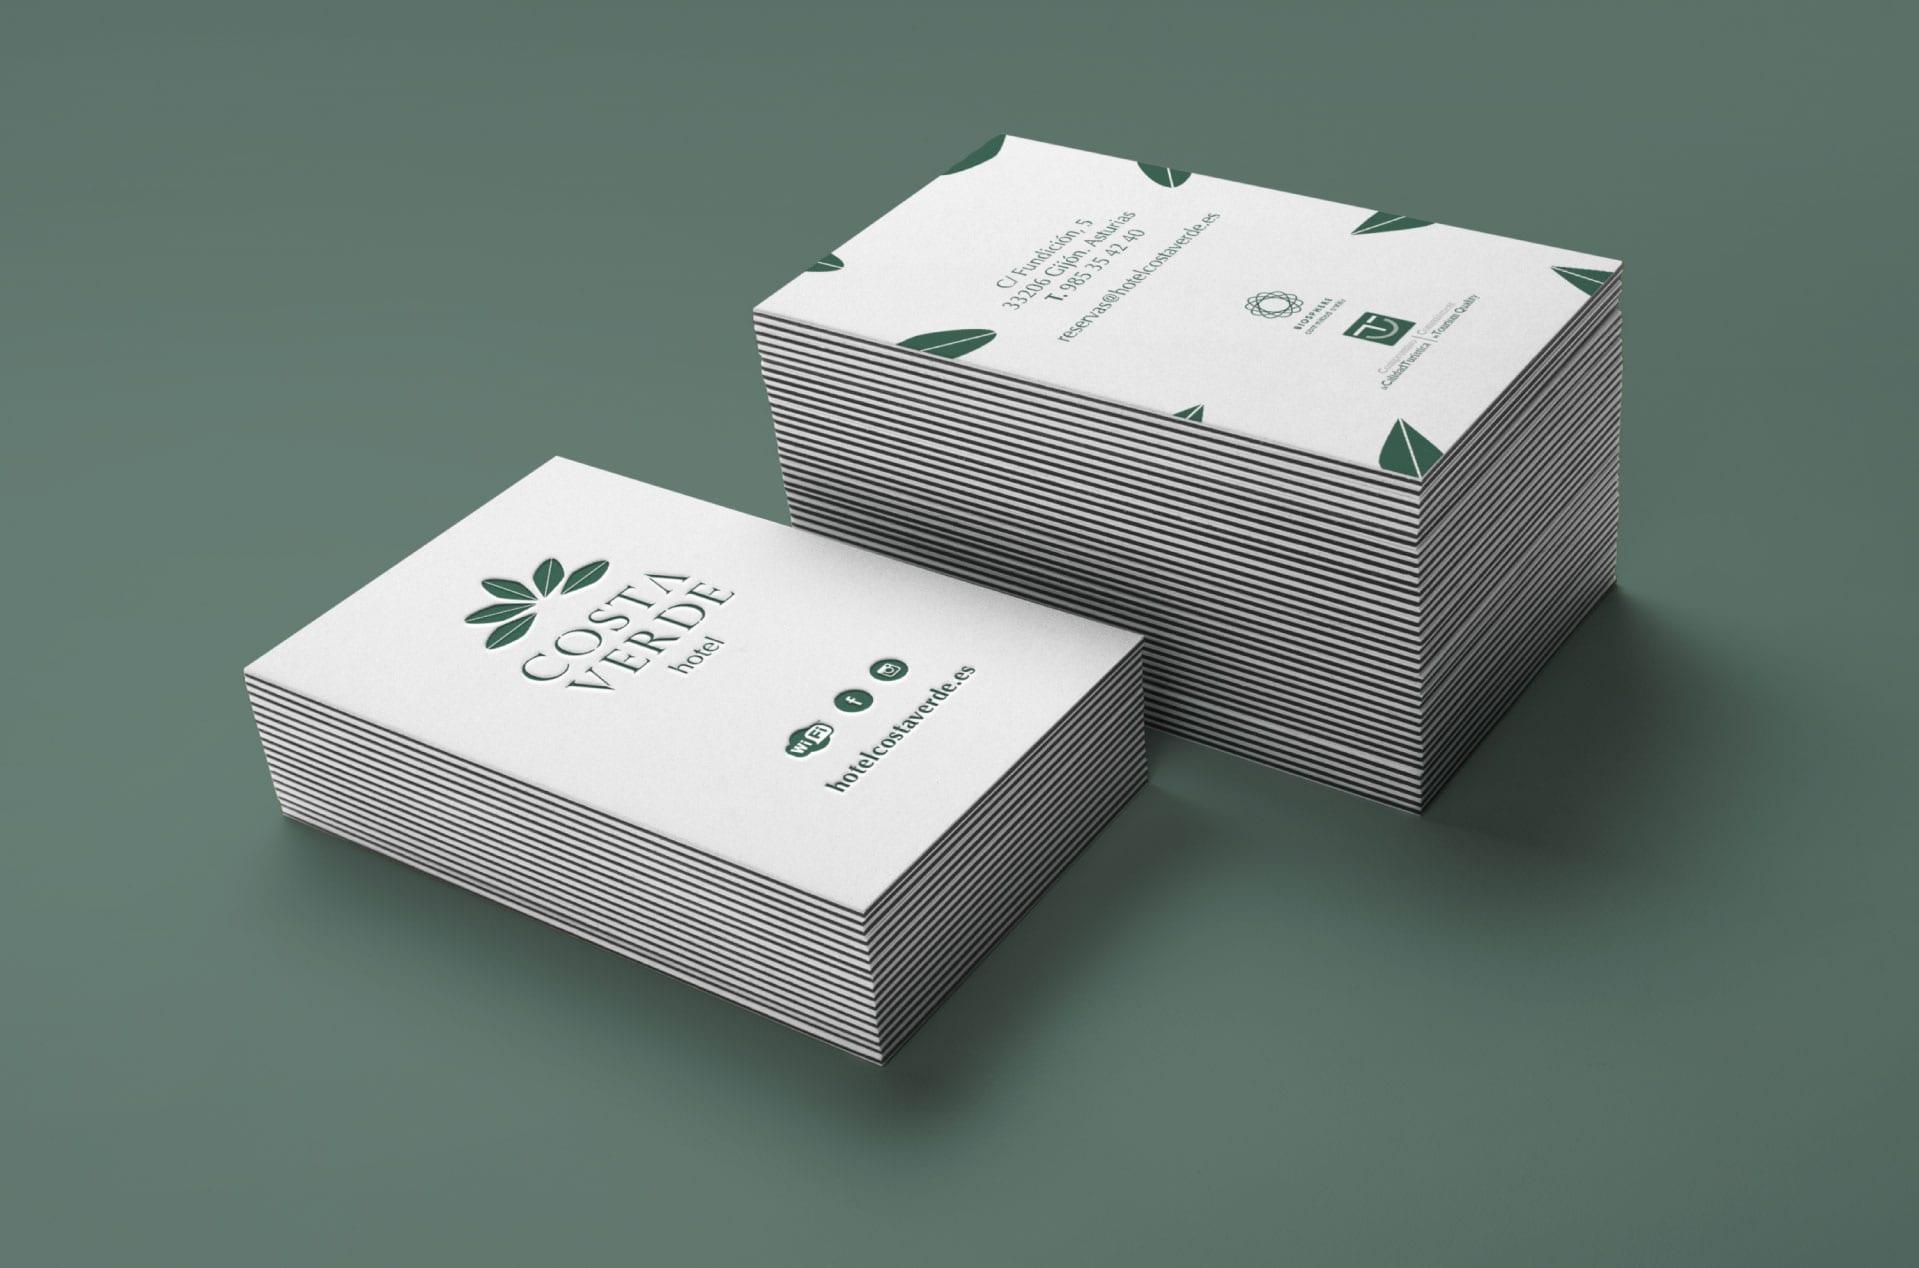 Diseño de papelería corporativa para el Hotel Costa Verde de Gijón.